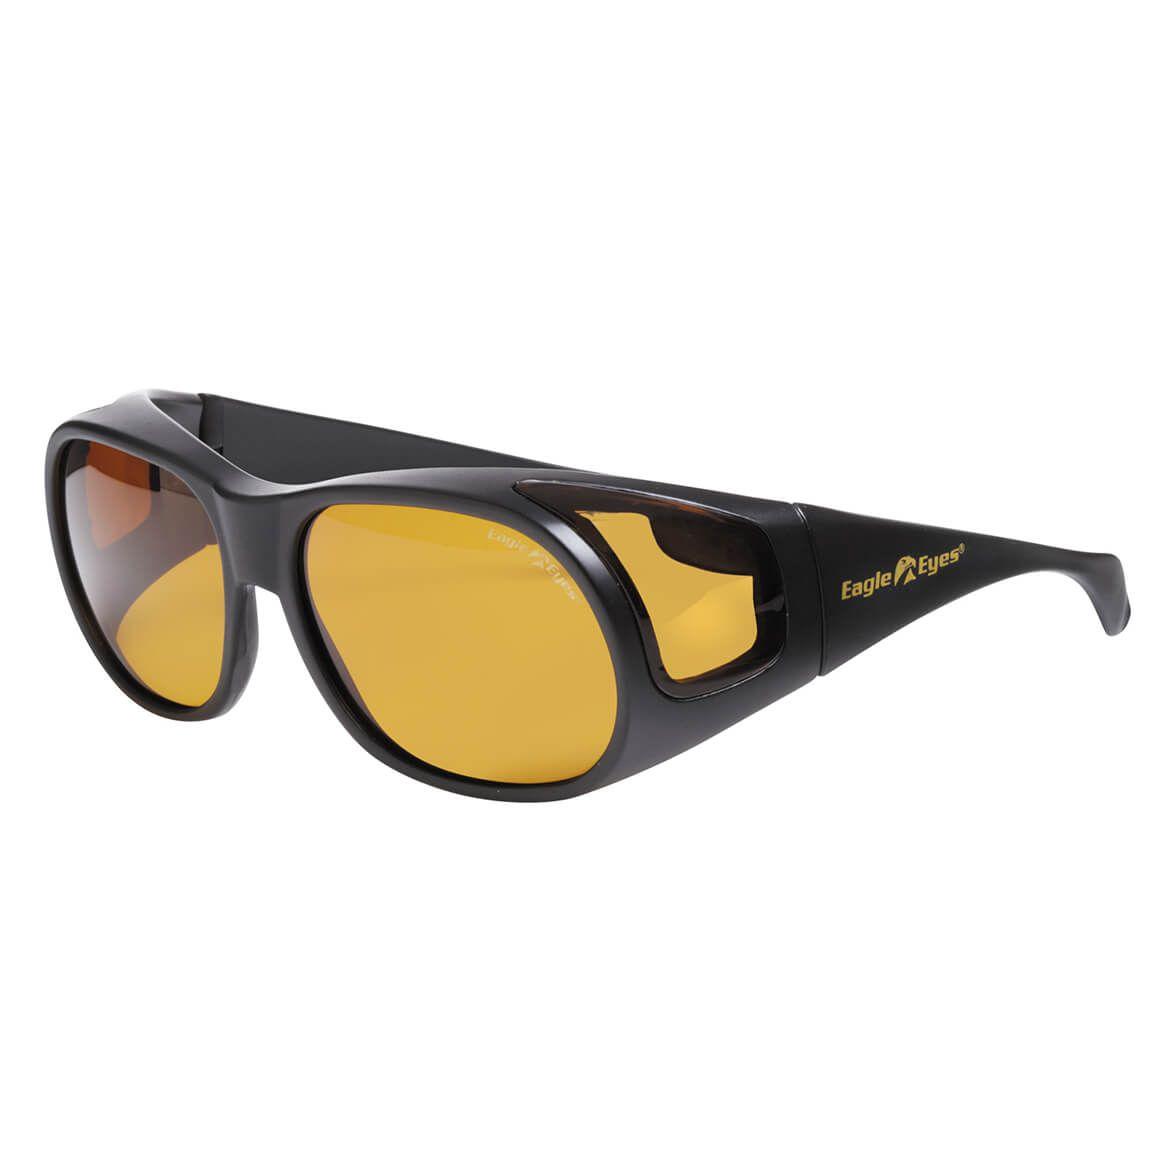 Eagle Eye® Sunglasses-369819